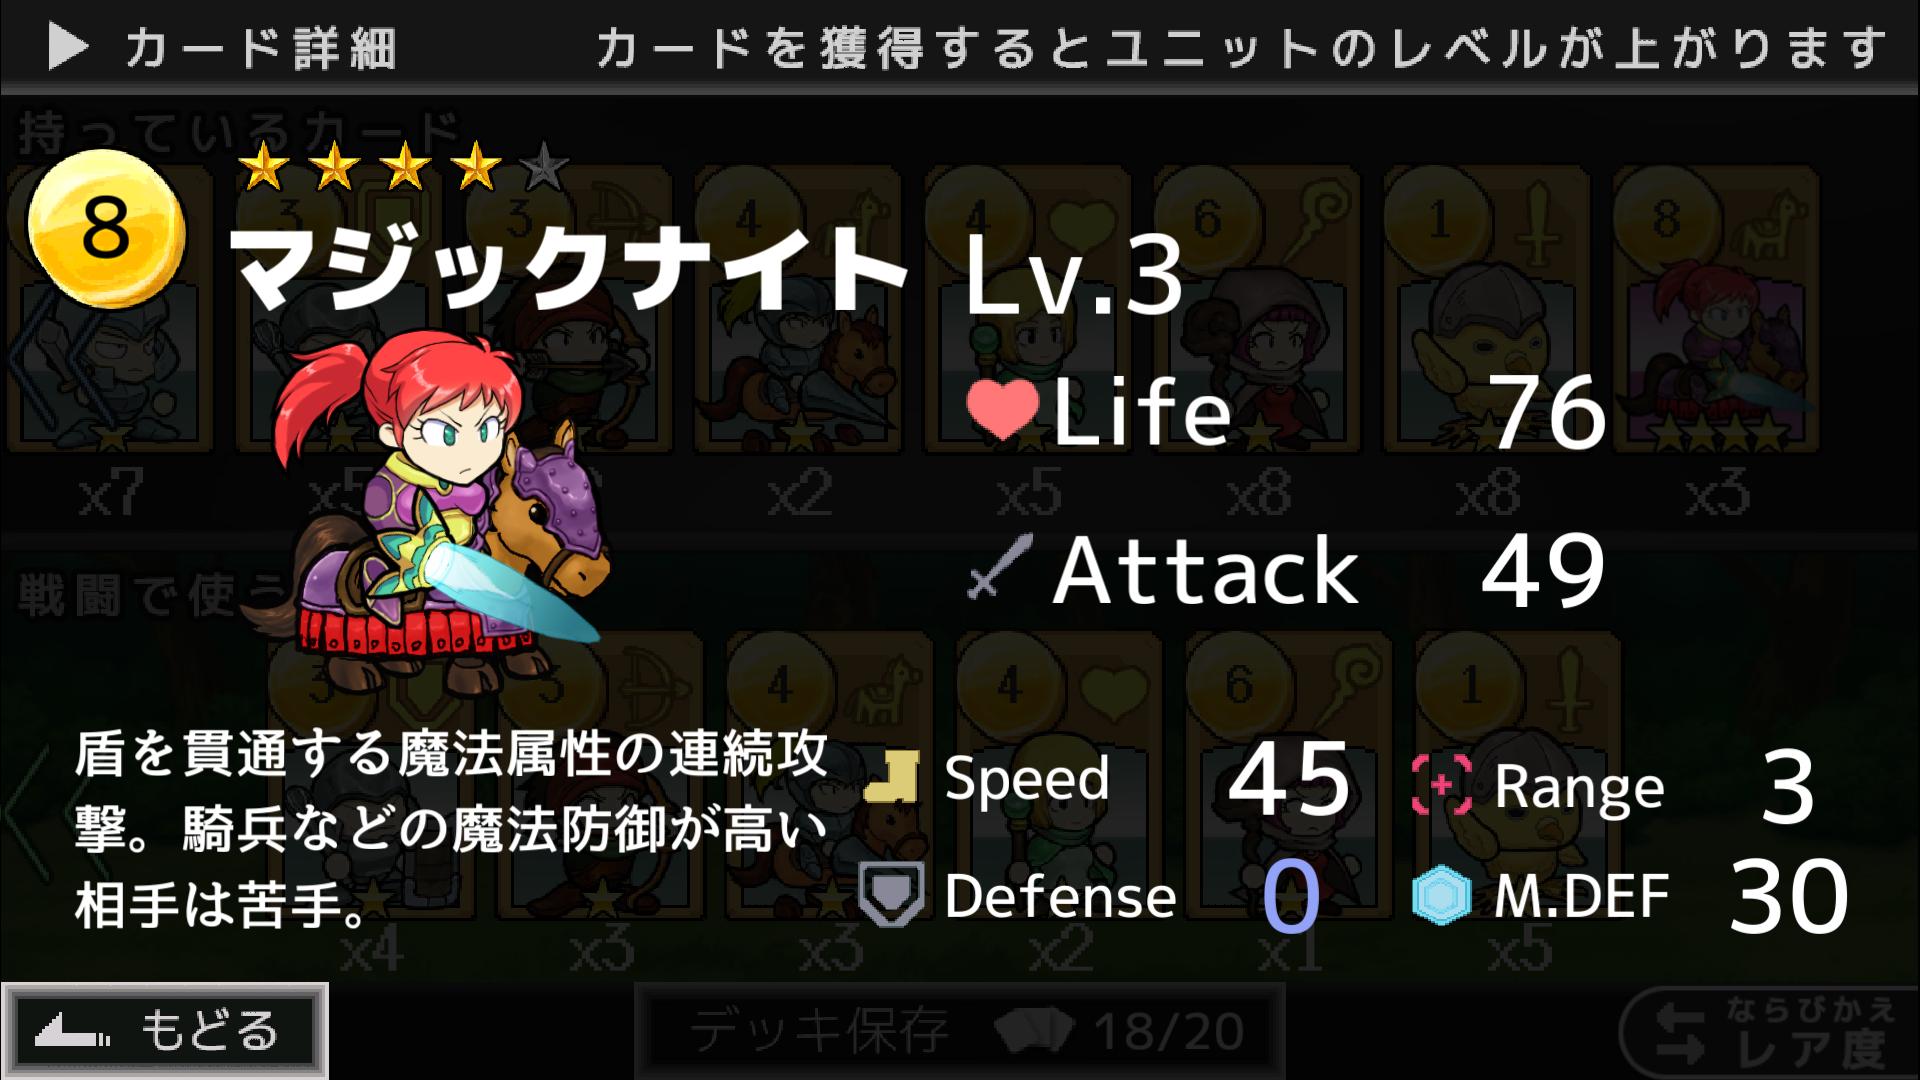 androidアプリ 傭兵王 ~カードで召喚!タワーディフェンス~攻略スクリーンショット4